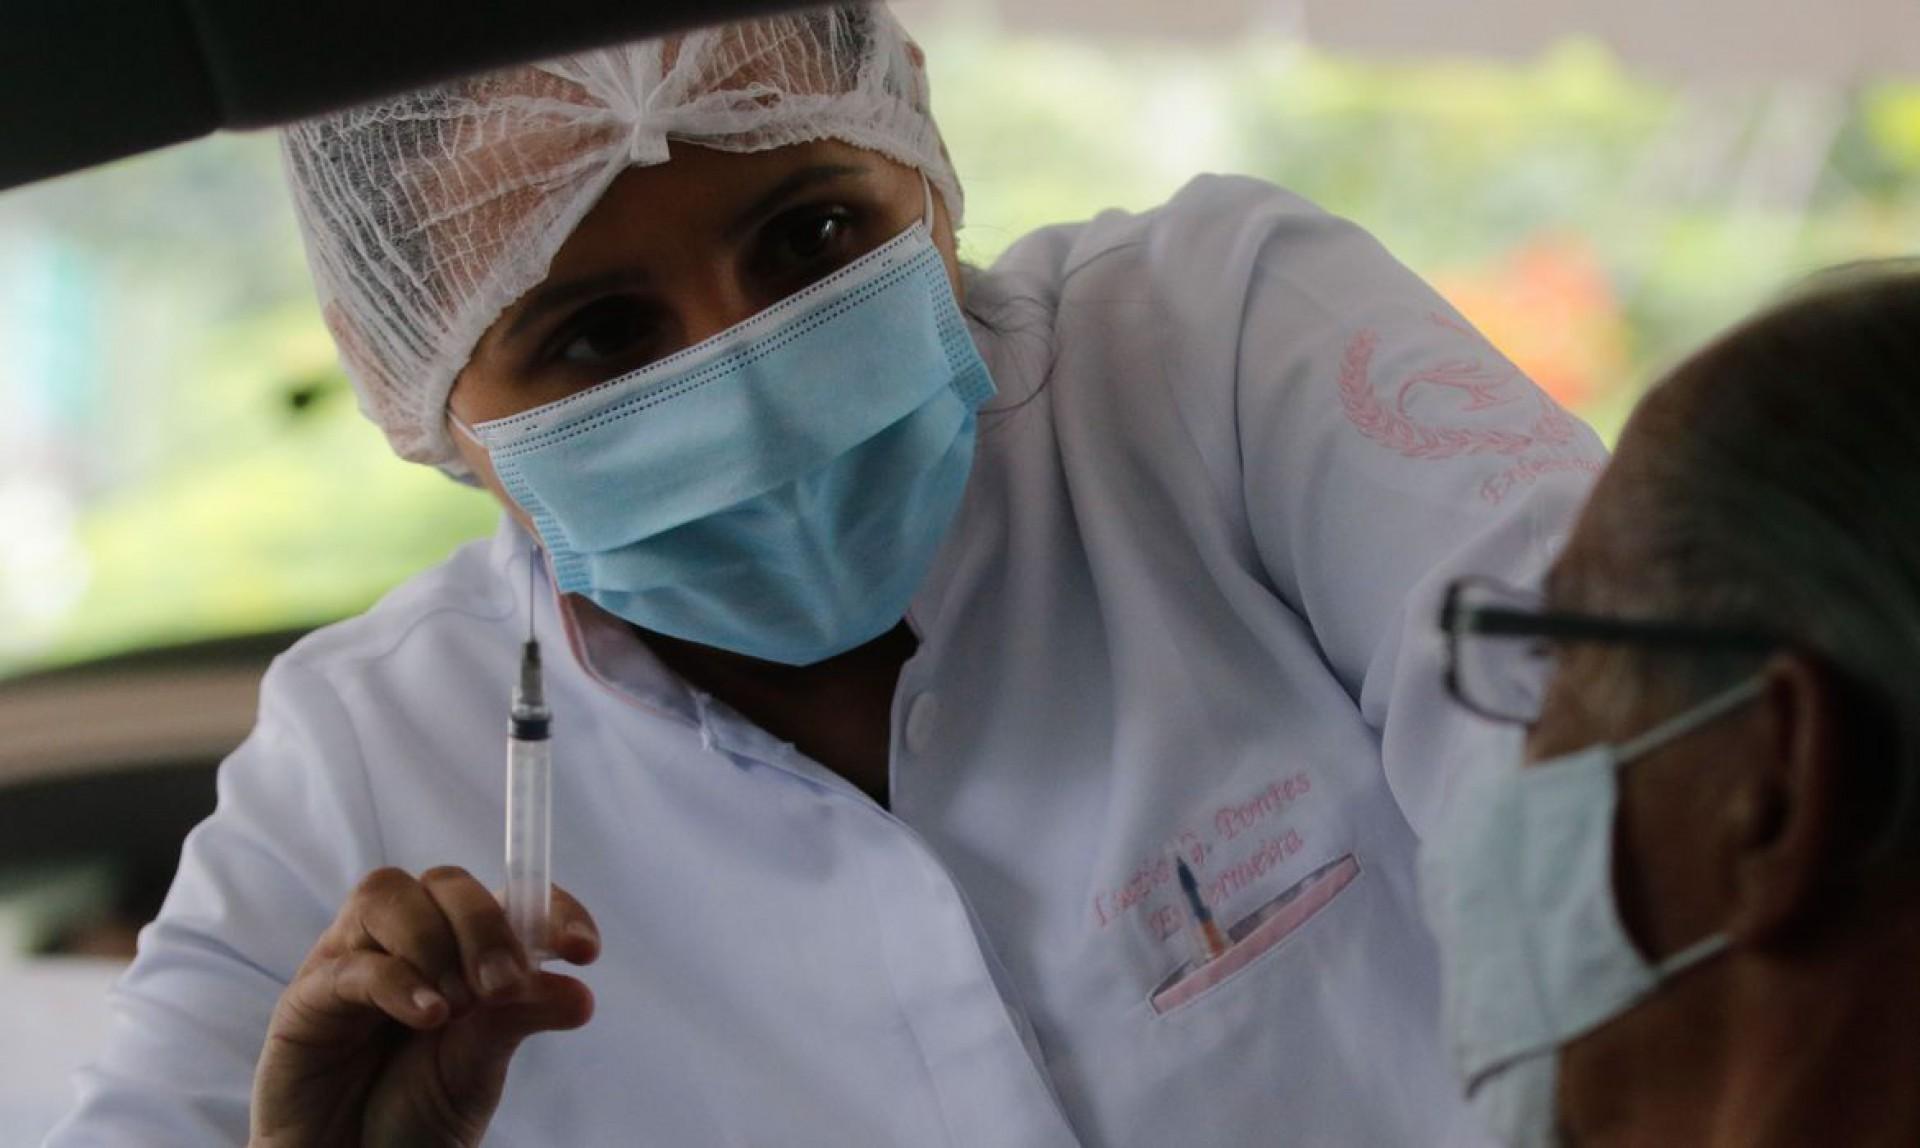 1 milhão de doses devem ser entregues pela Moderna até julho deste ano.  (Foto: Tânia Rêgo/Agência Brasil)